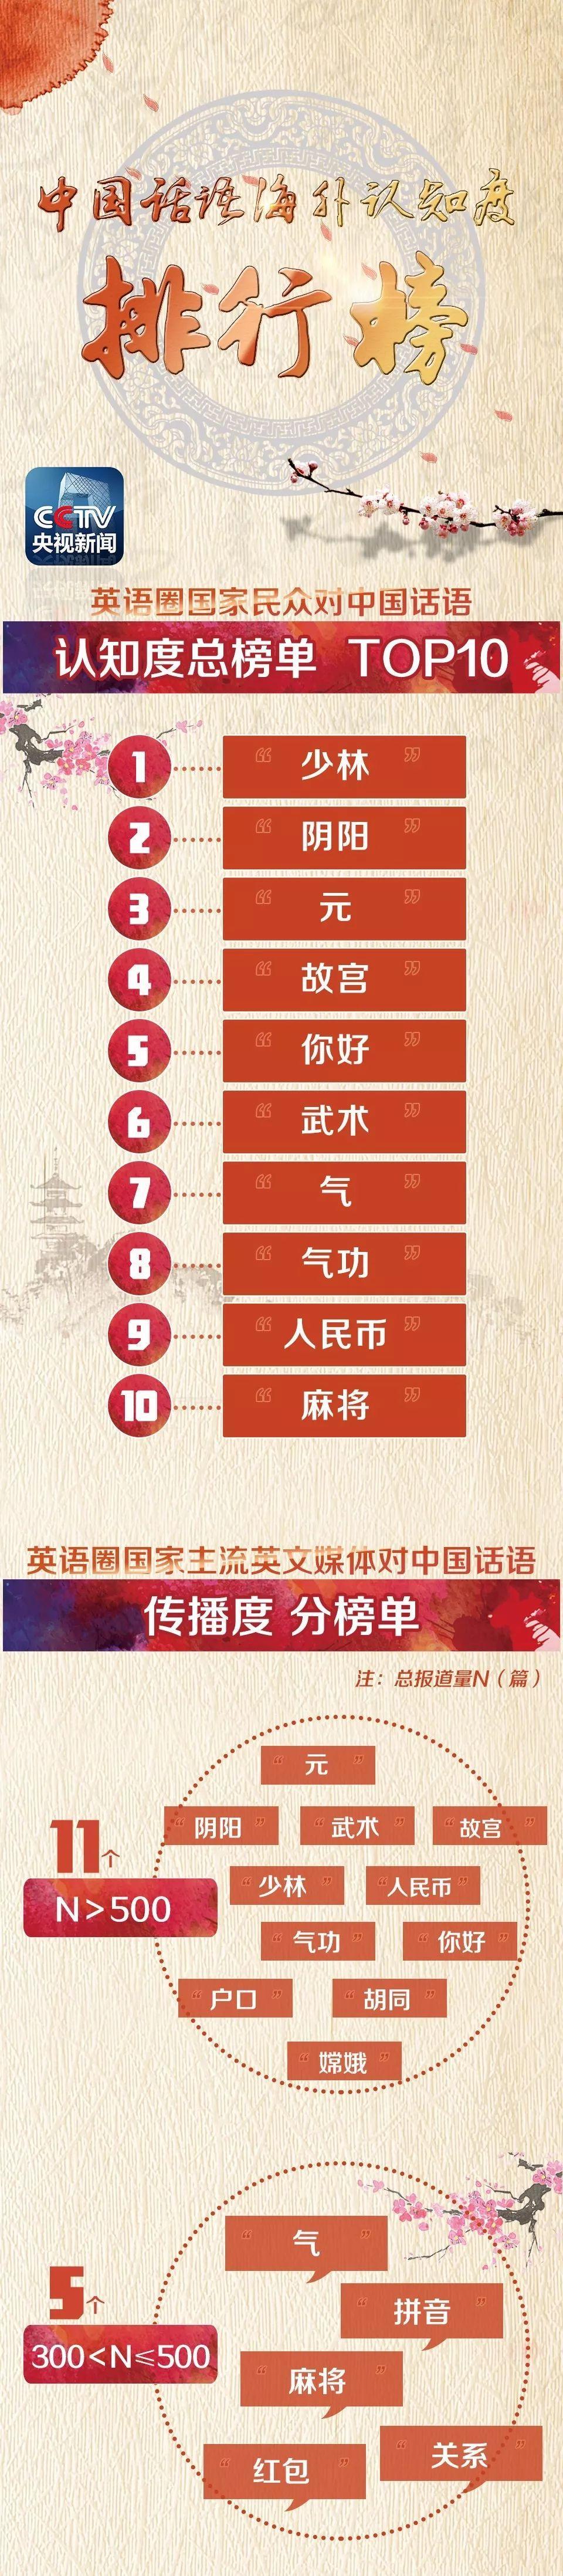 """最新!外国人最常说的100个""""中国词""""出炉 第一位你绝想不到"""